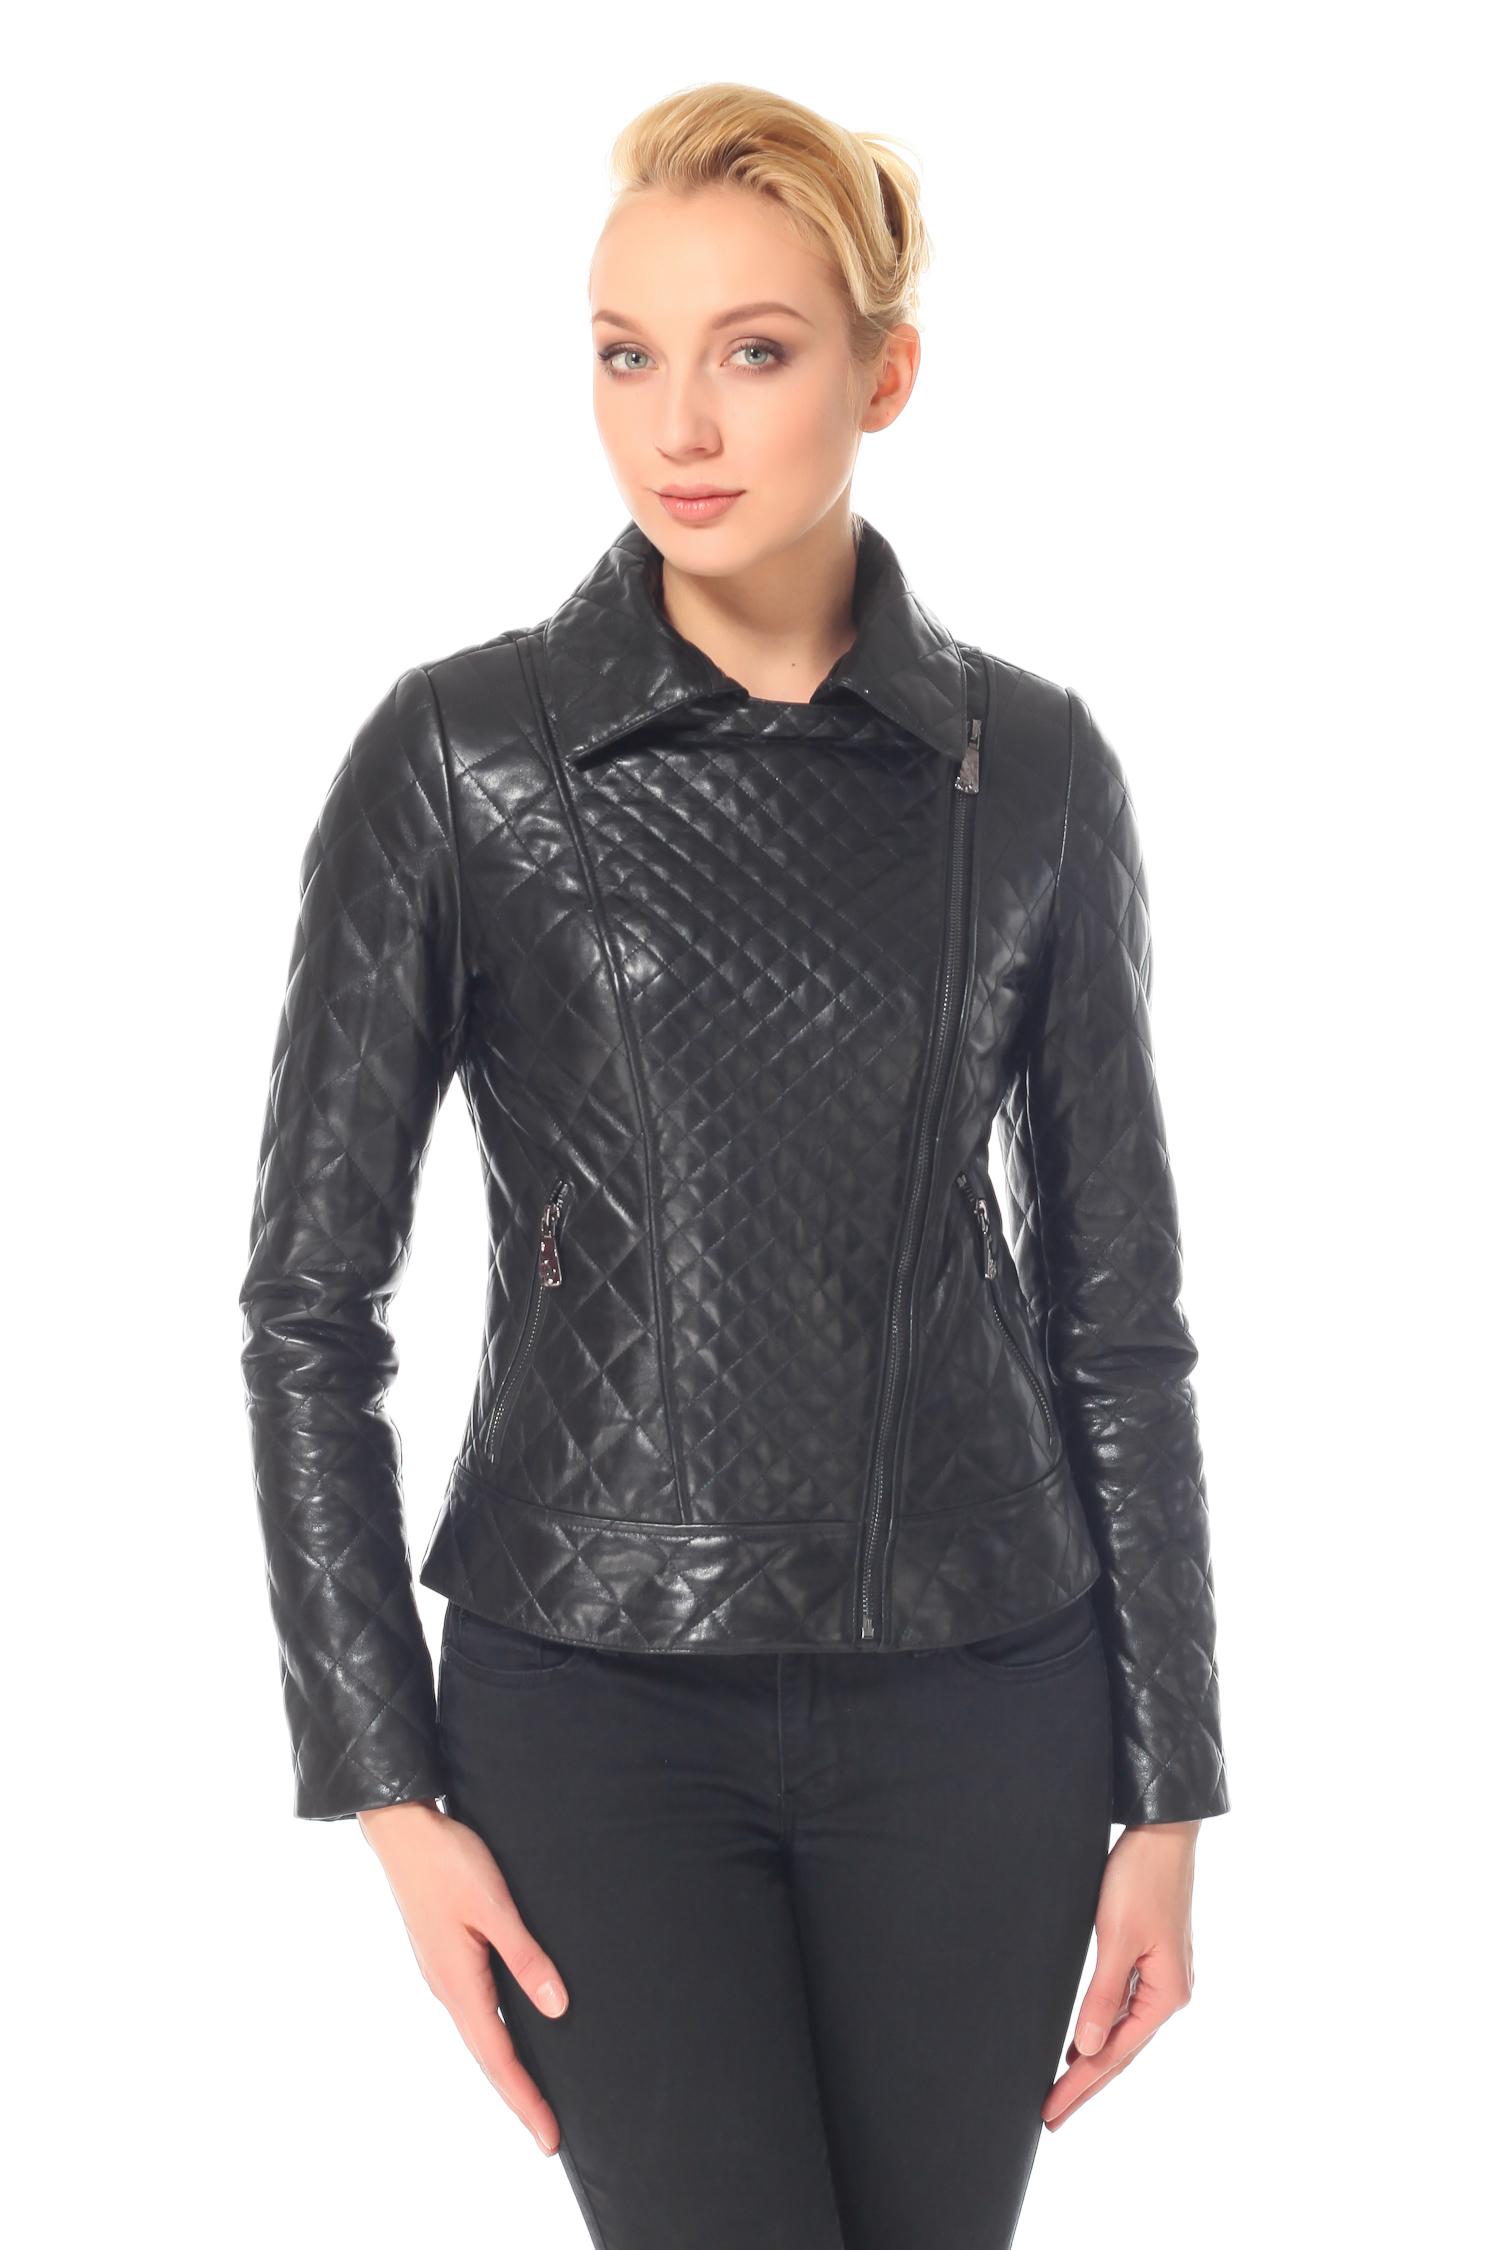 Женская кожаная куртка из натуральной кожи с воротником, без отделки<br><br>Воротник: английский<br>Длина см: Короткая (51-74 )<br>Материал: Кожа овчина<br>Цвет: черный<br>Пол: Женский<br>Размер RU: 54